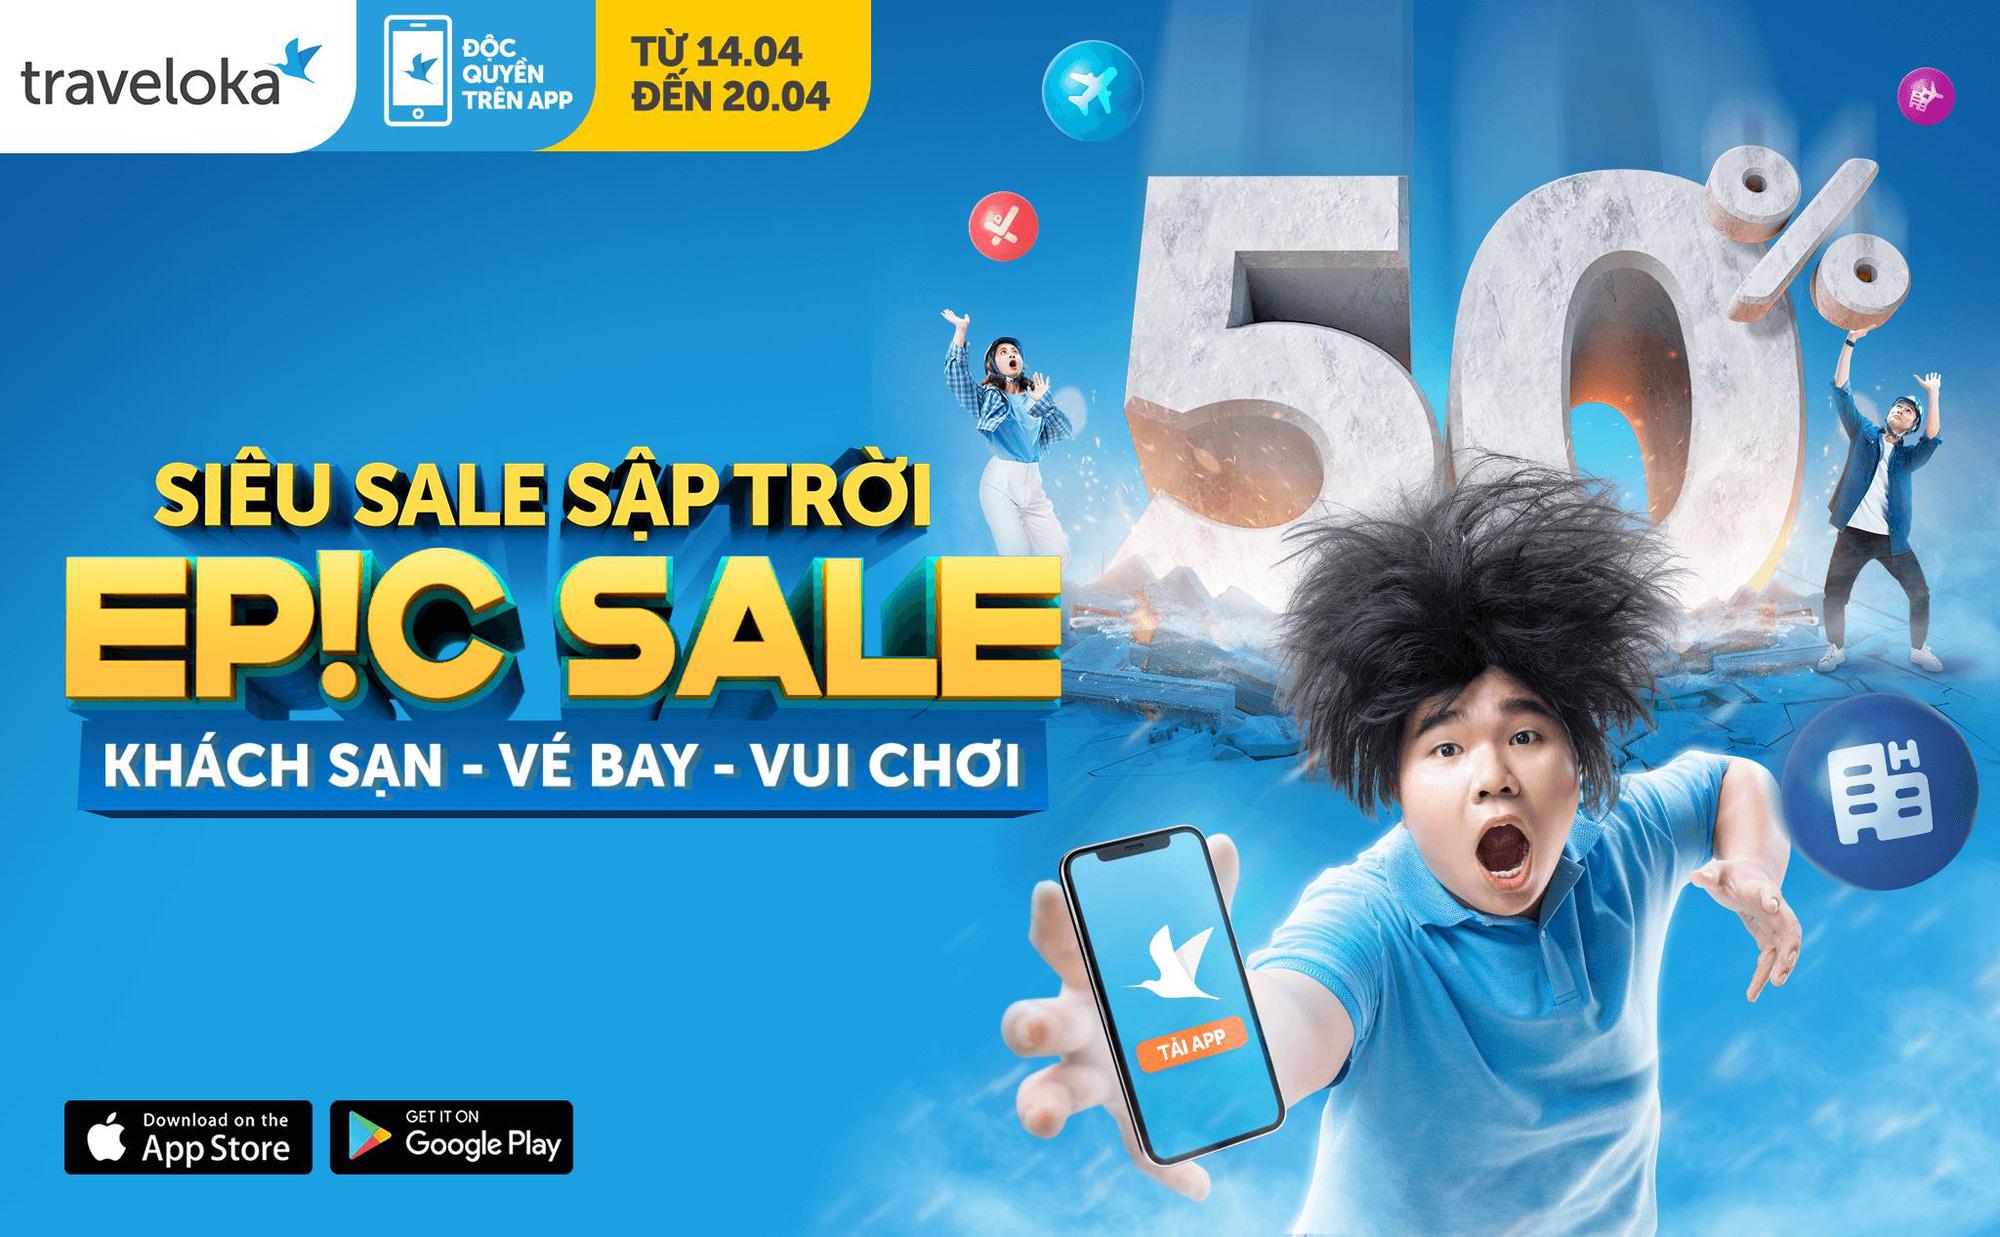 Traveloka EPIC Sale 2021 tái xuất, vạn deal chất ngất - Ảnh 1.